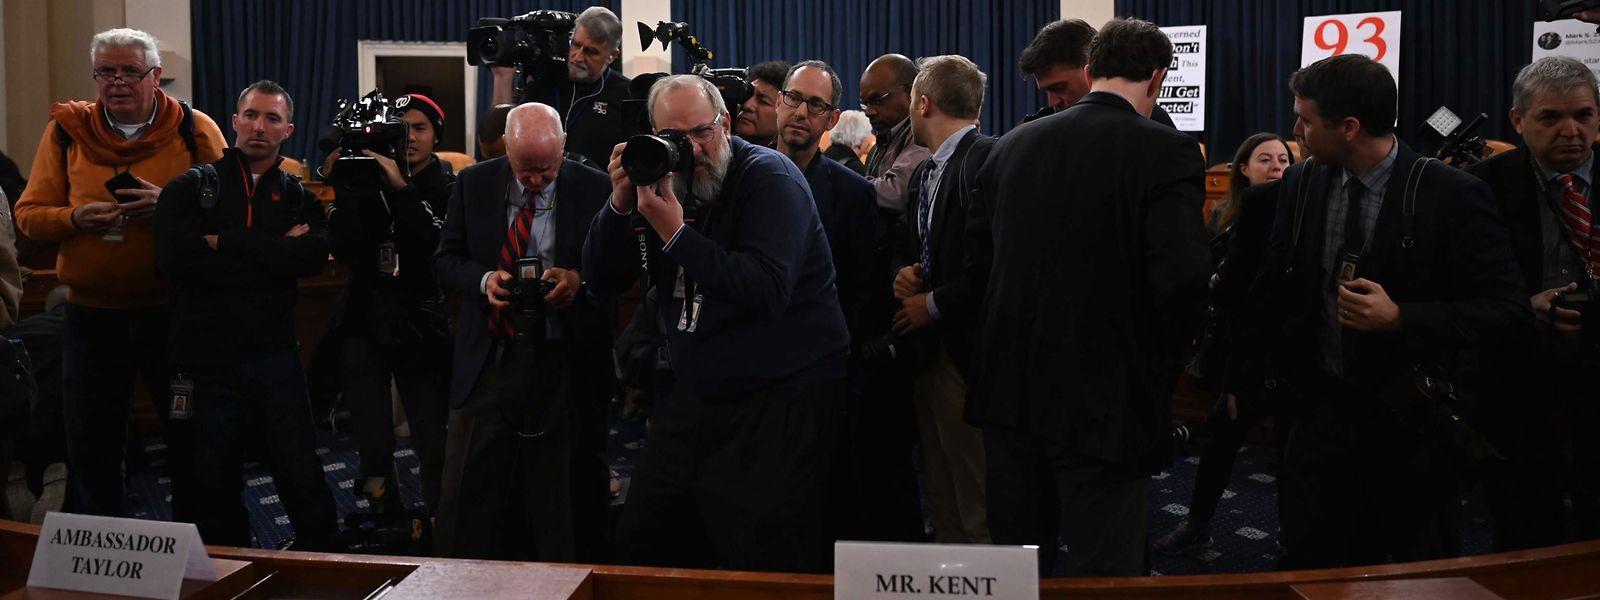 Die Anhörungen im US-Kongress um das Impeachment-Verfahren gegen Donald Trump sind ab Mittwoch zum ersten Mal öffentlich.